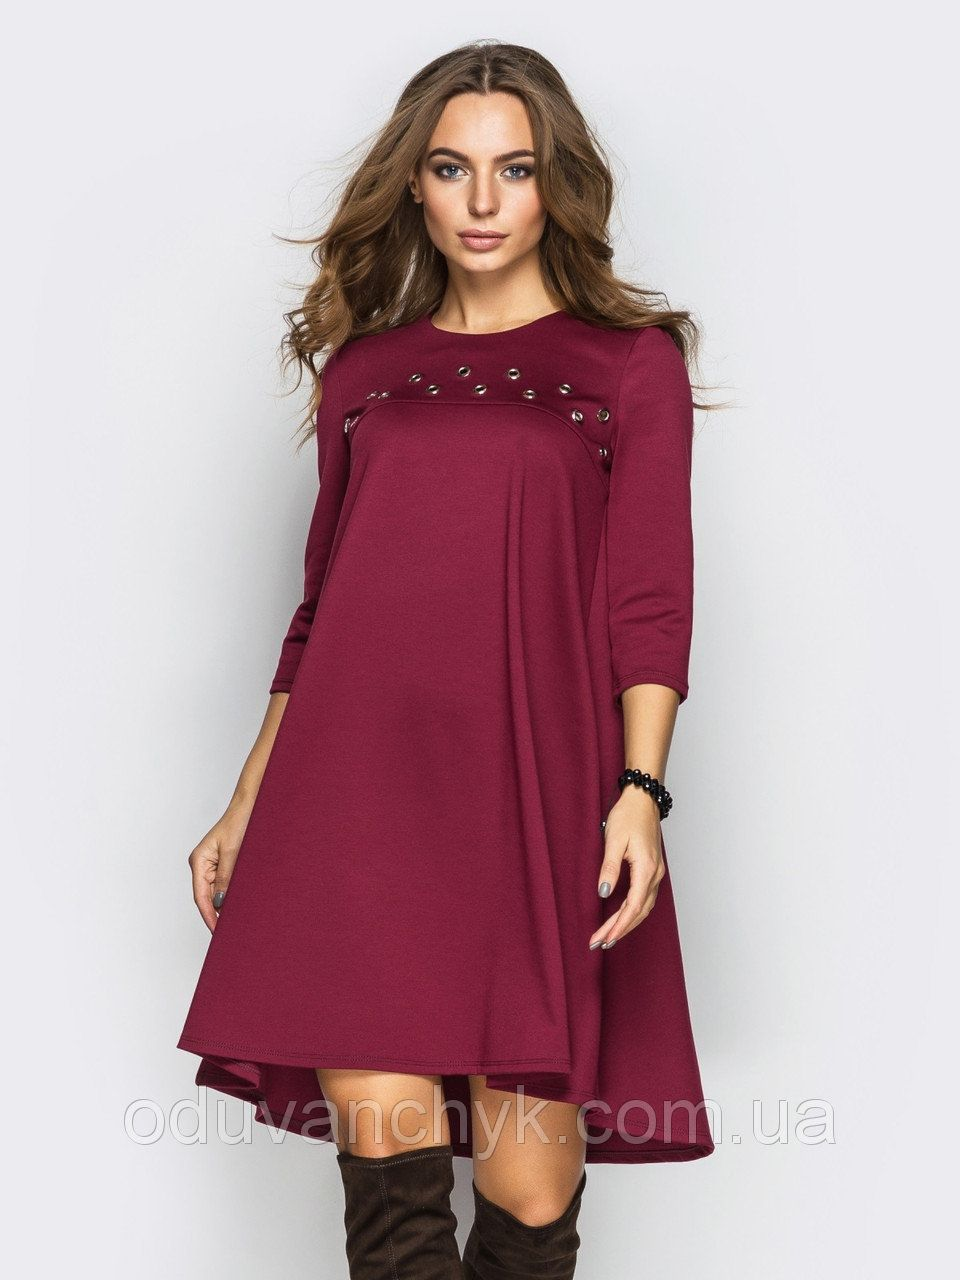 Жіноче плаття купити якісні плаття з доставкою по Україні. Великий вибір  плать для сучасних дівчат b599b18dc00f0